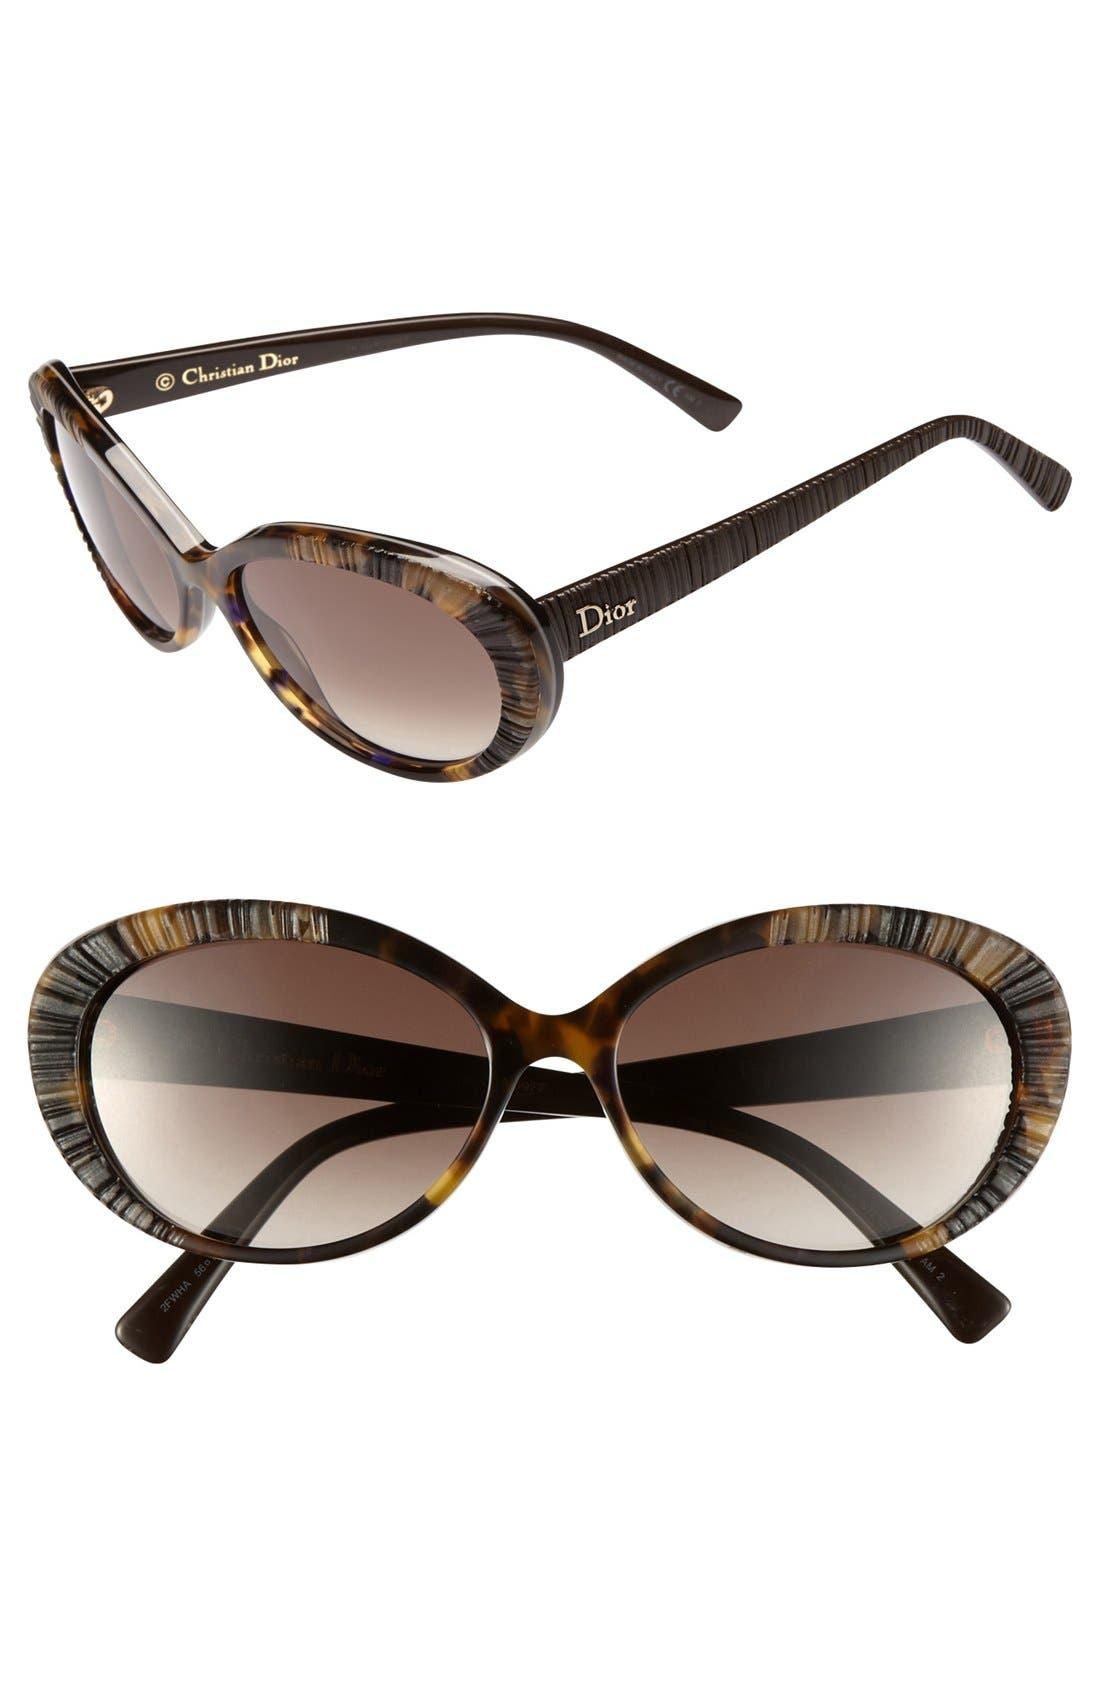 Main Image - Christian Dior 'Taffeta 3/S' 56mm Sunglasses